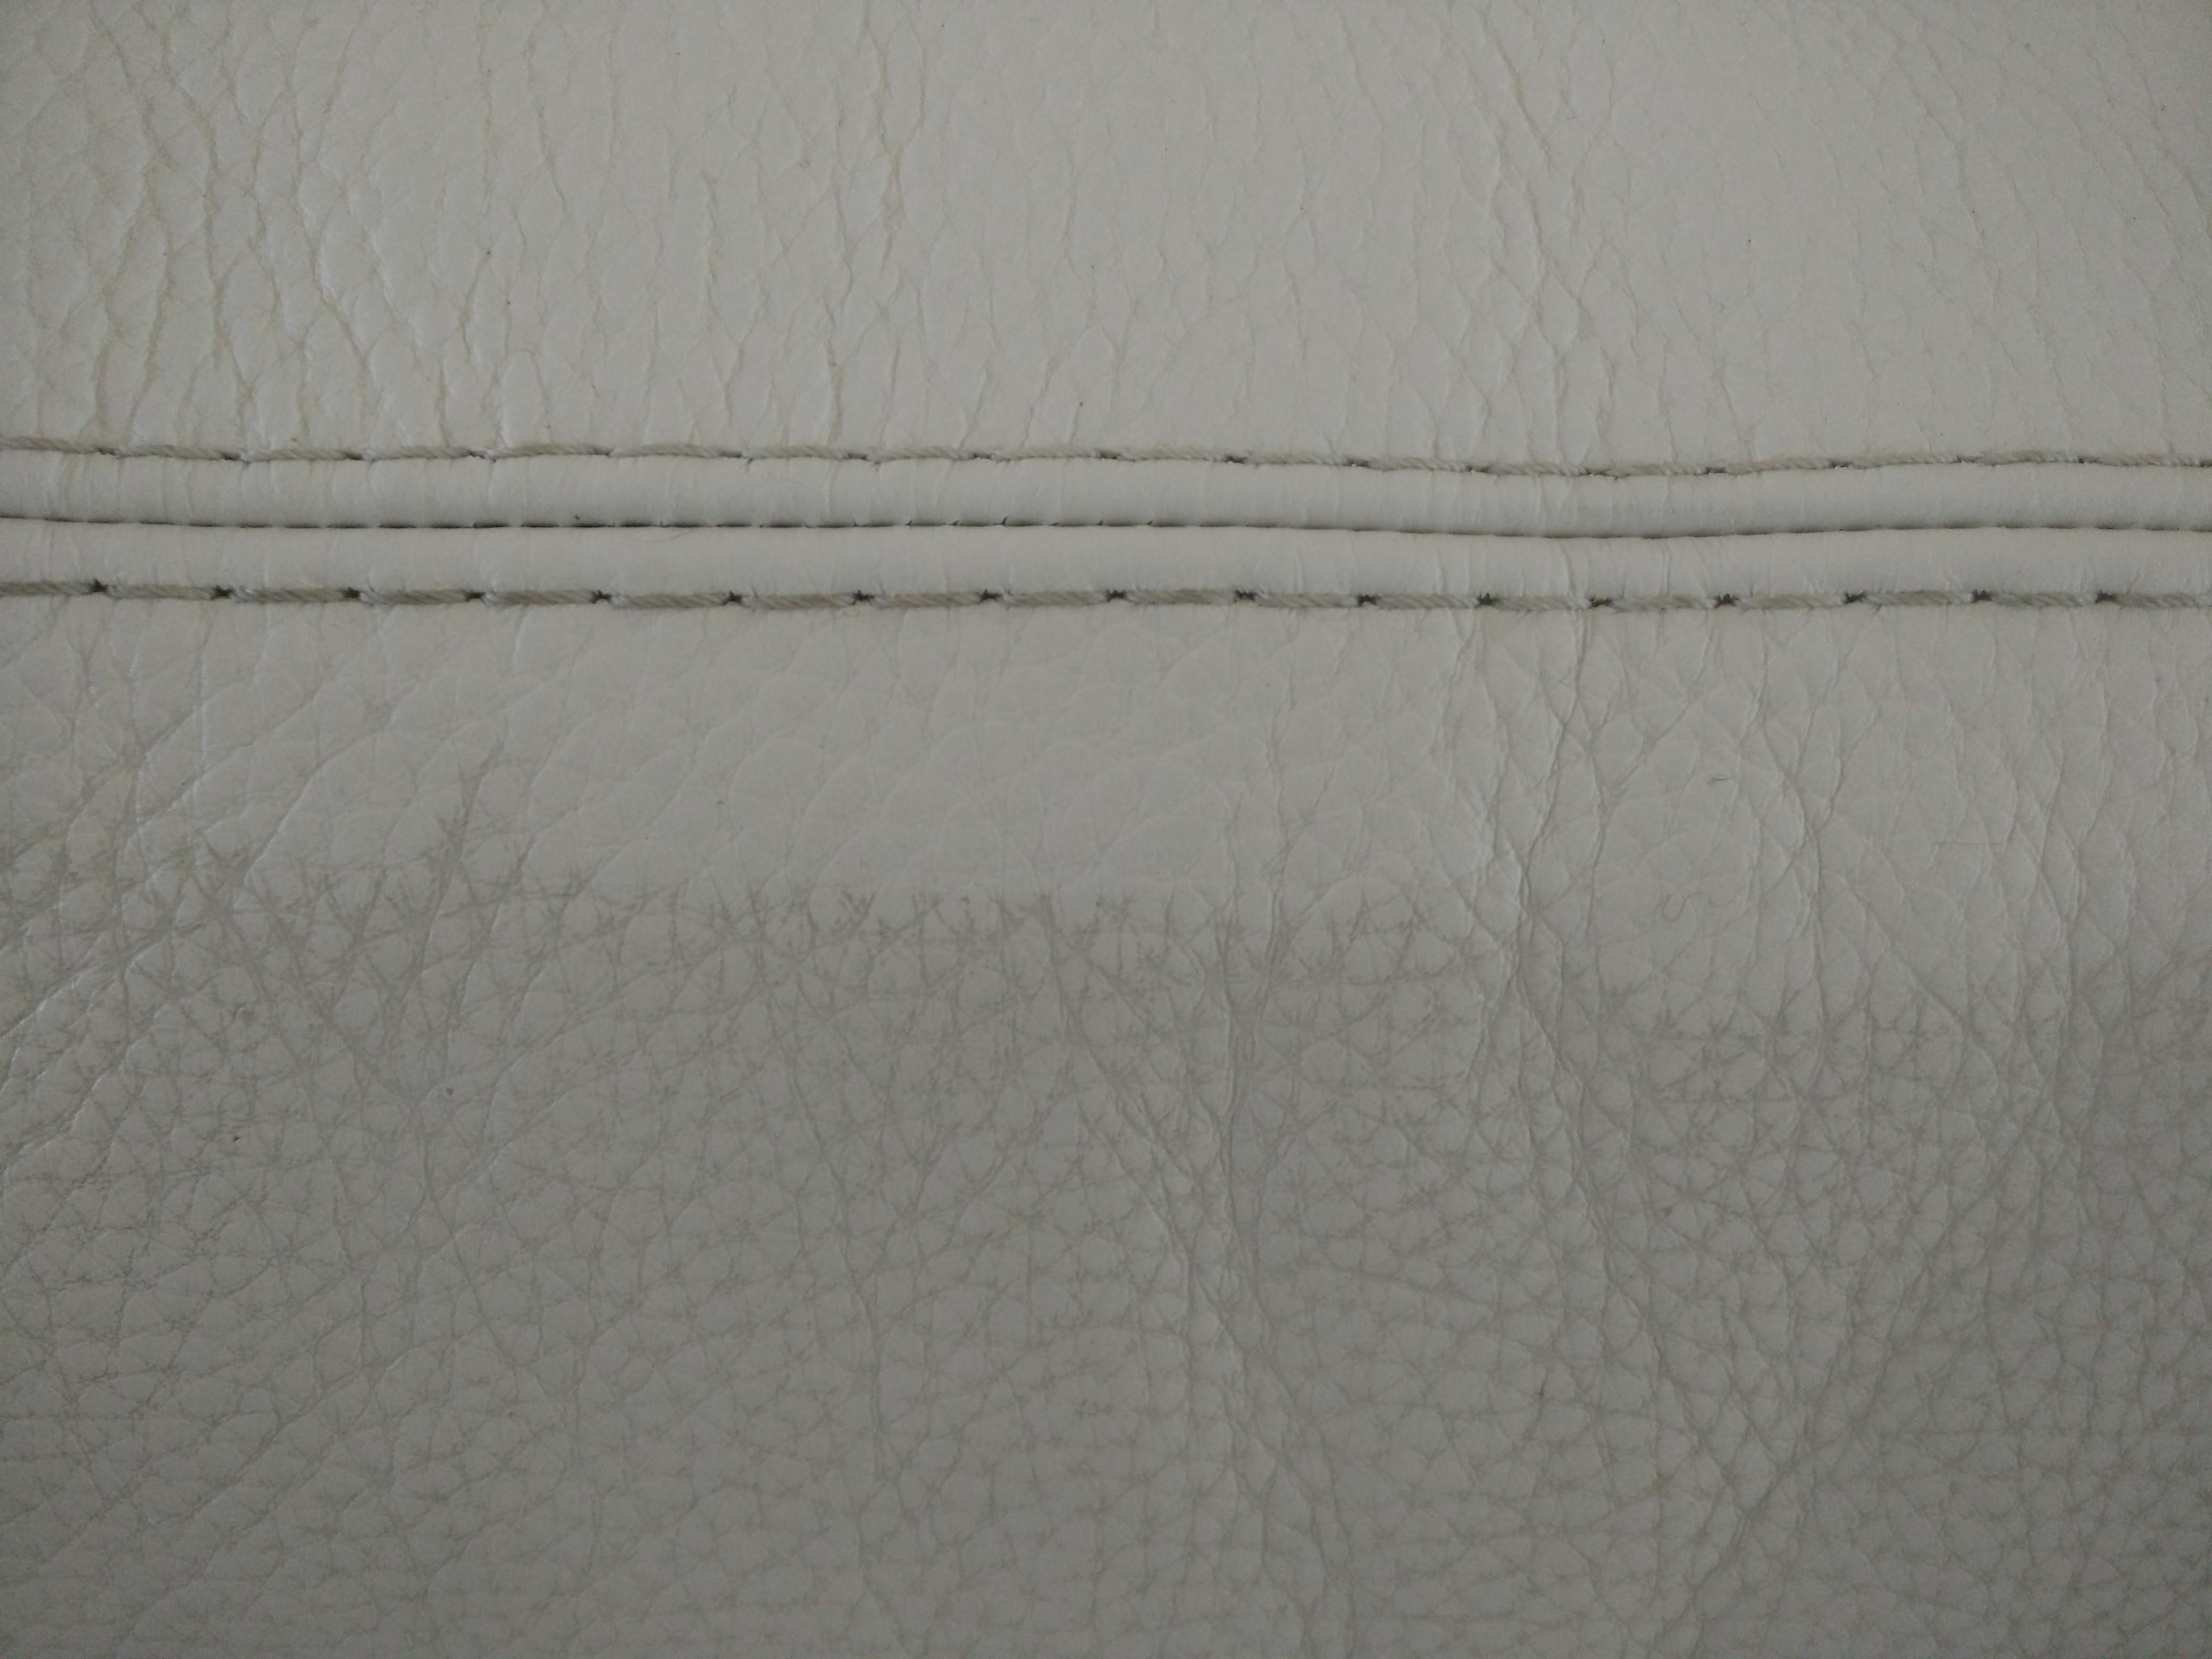 Comment nettoyer un canap en cuir blanc main passant un - Nettoyage canape cuir blanc ...